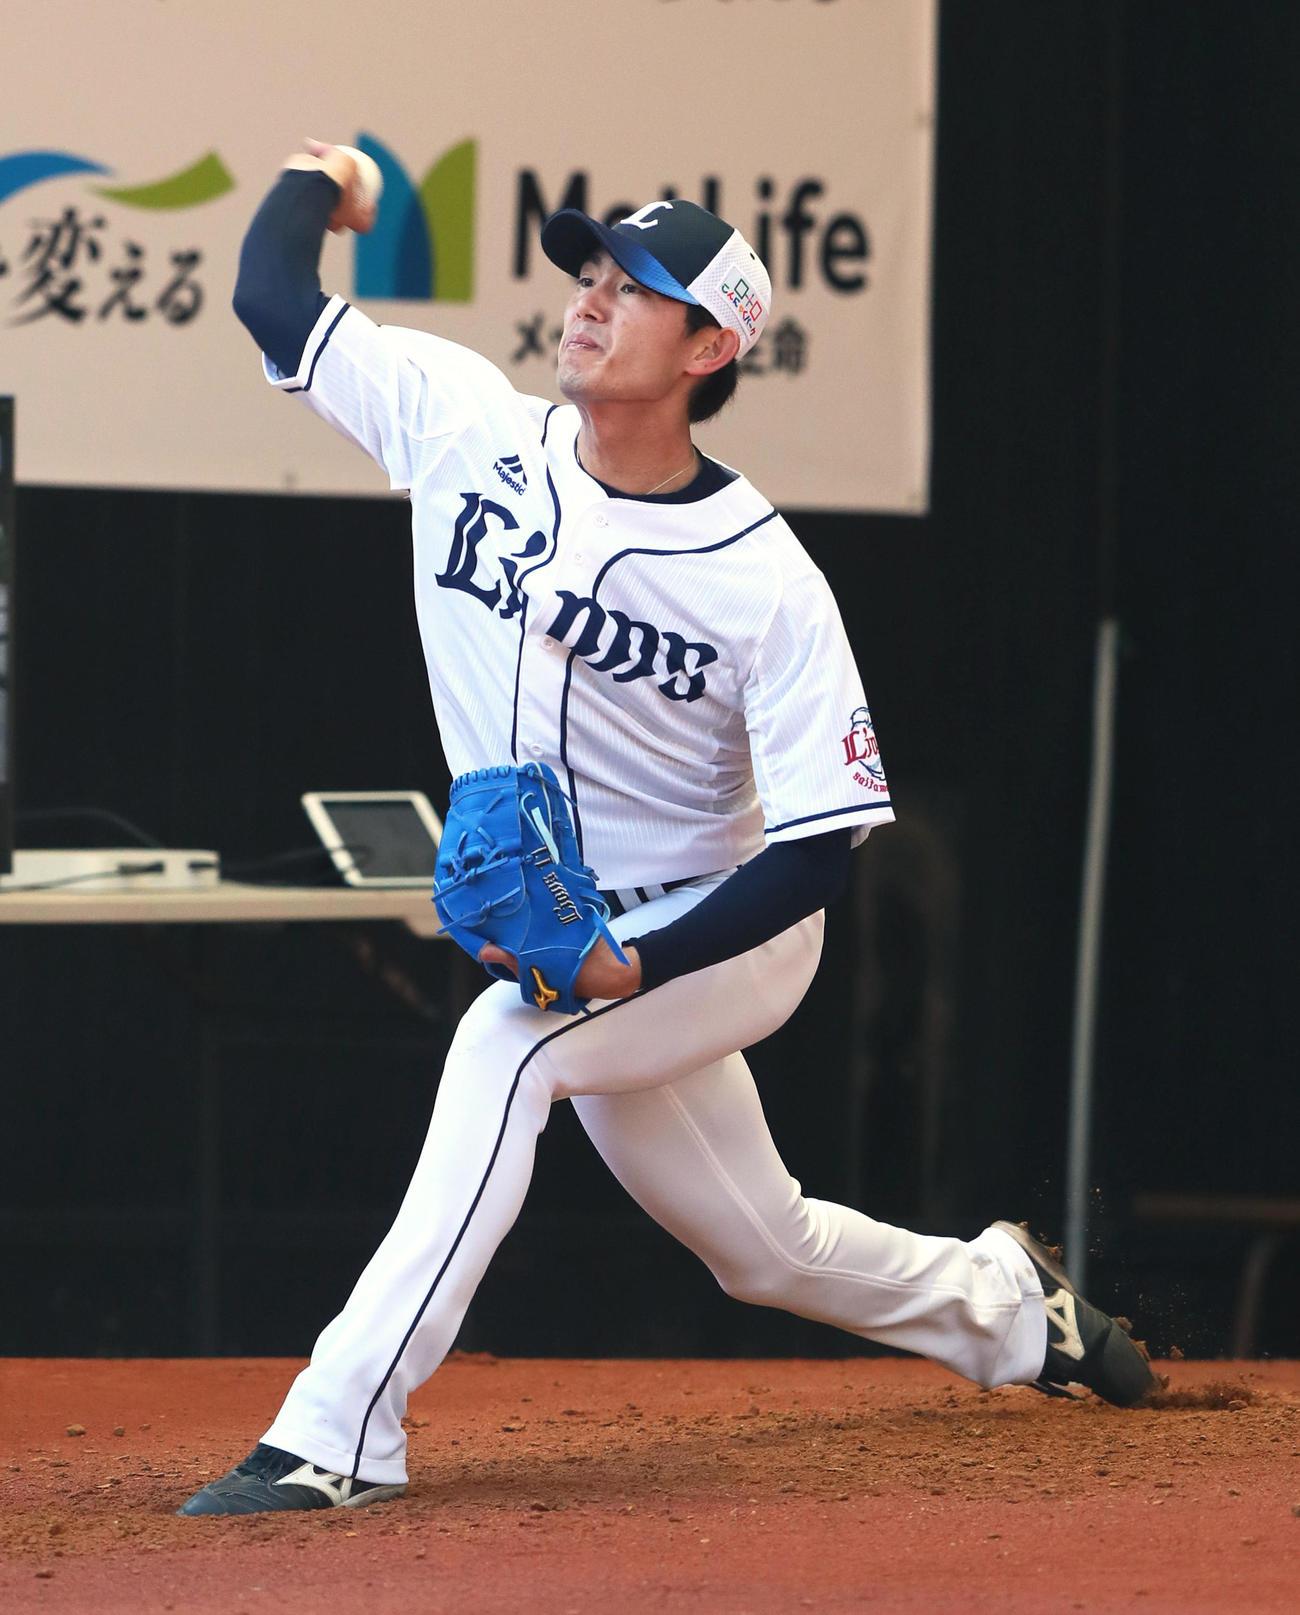 ブルペン投球する西武今井(20年2月1日撮影)